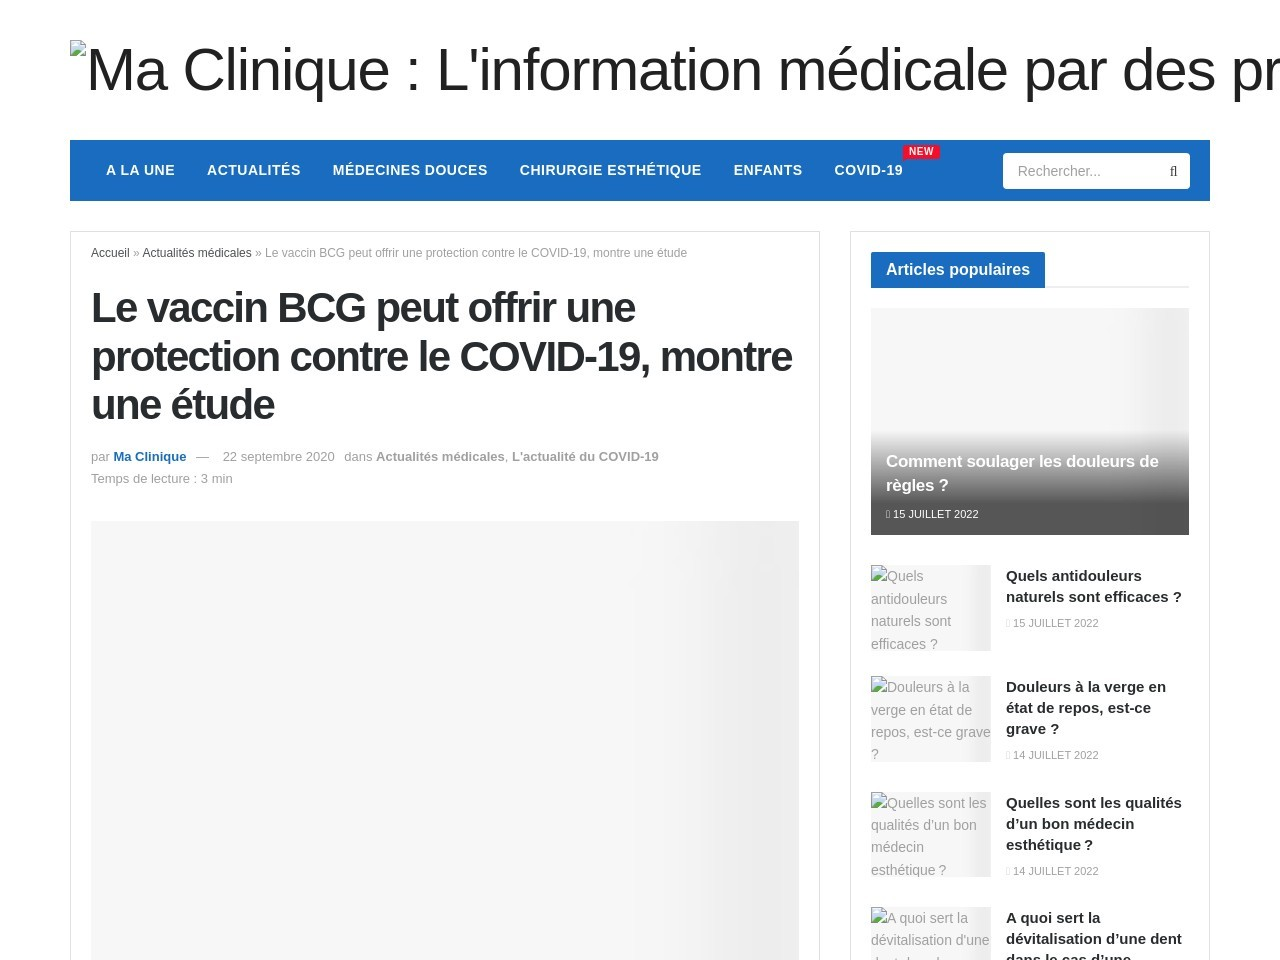 Le vaccin BCG peut offrir une protection contre le COVID-19, montre une étude